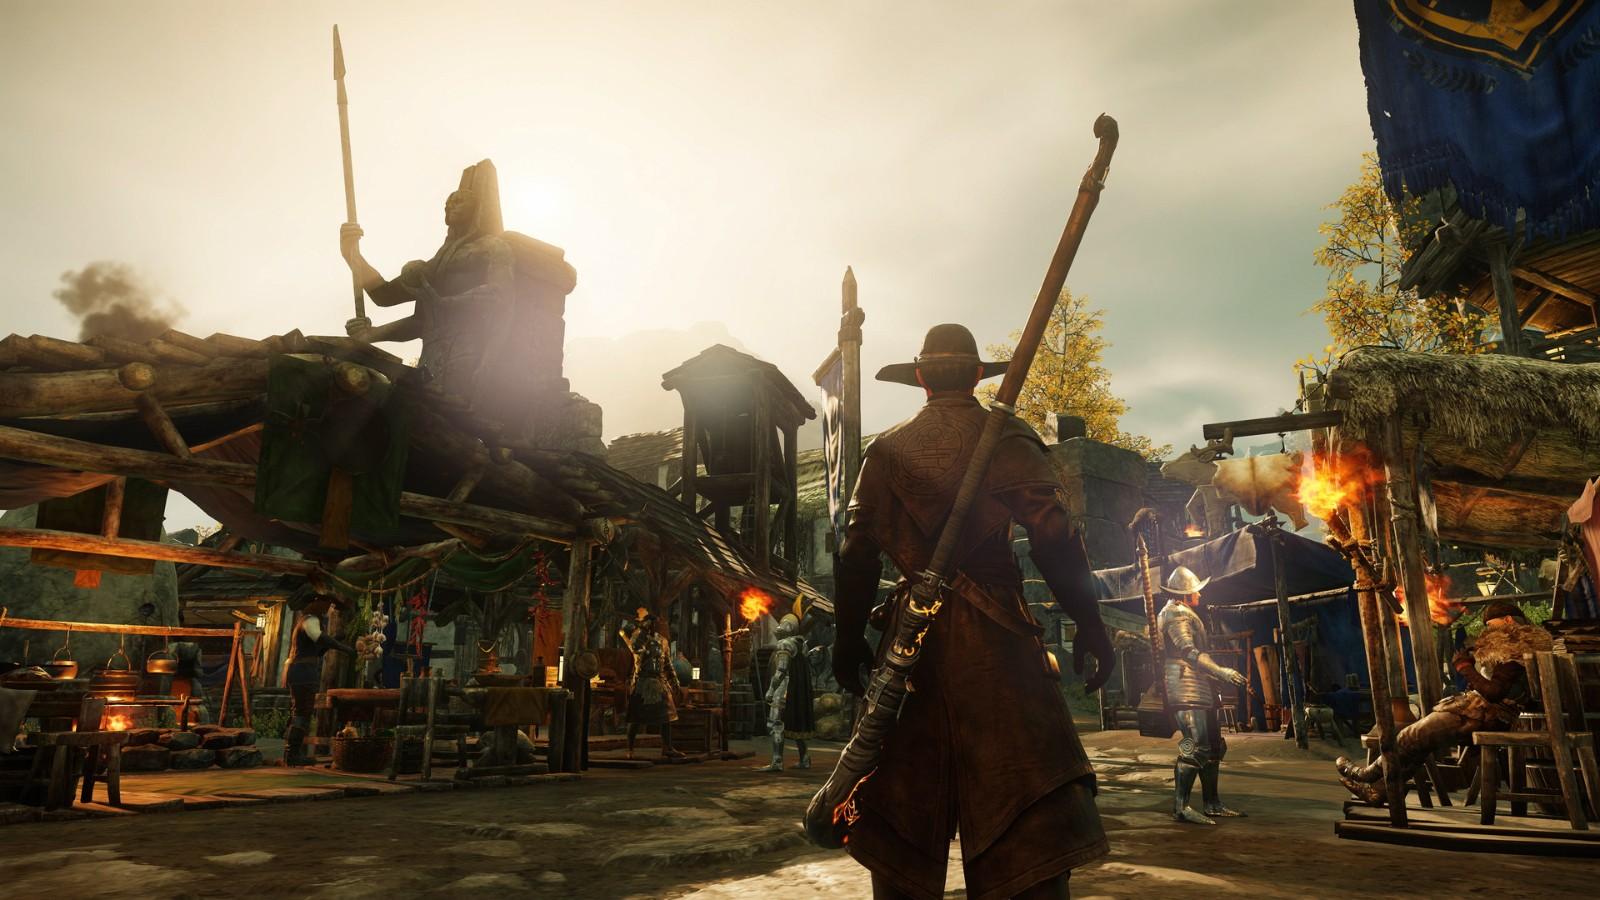 """《新世界》Steam在线超47万 目前玩家评价为""""褒贬不一"""""""